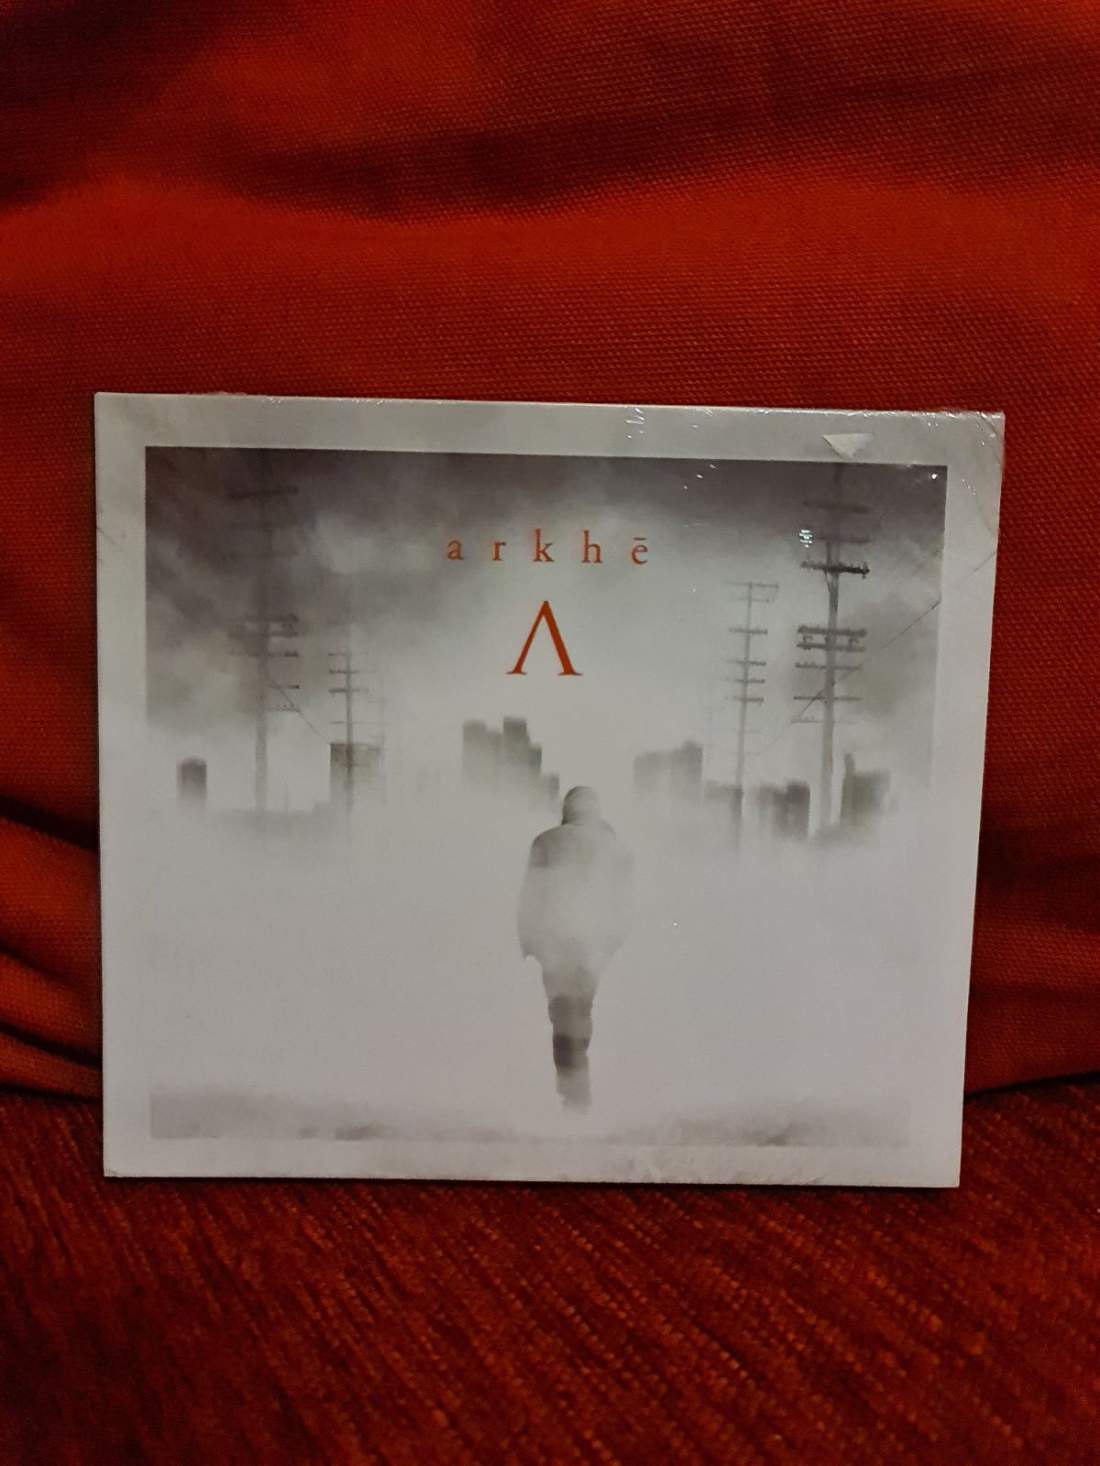 ARKHÉ - A CD